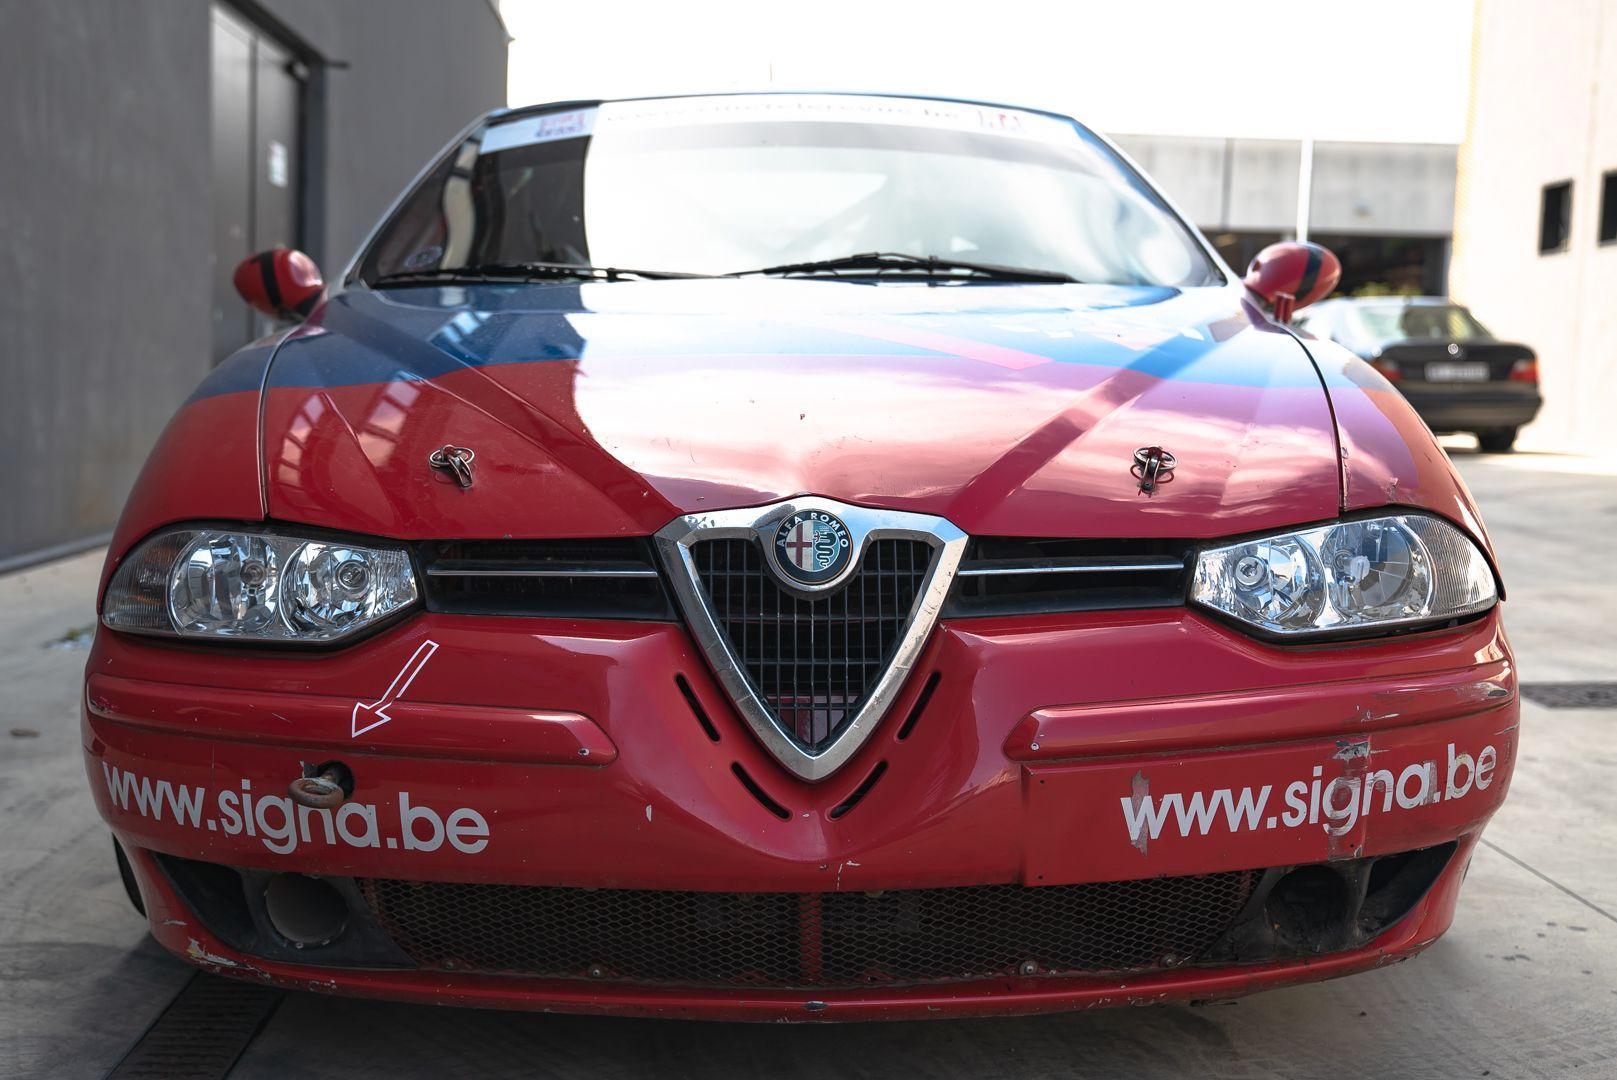 2001 Alfa Romeo 156 Challenge Cup 68520